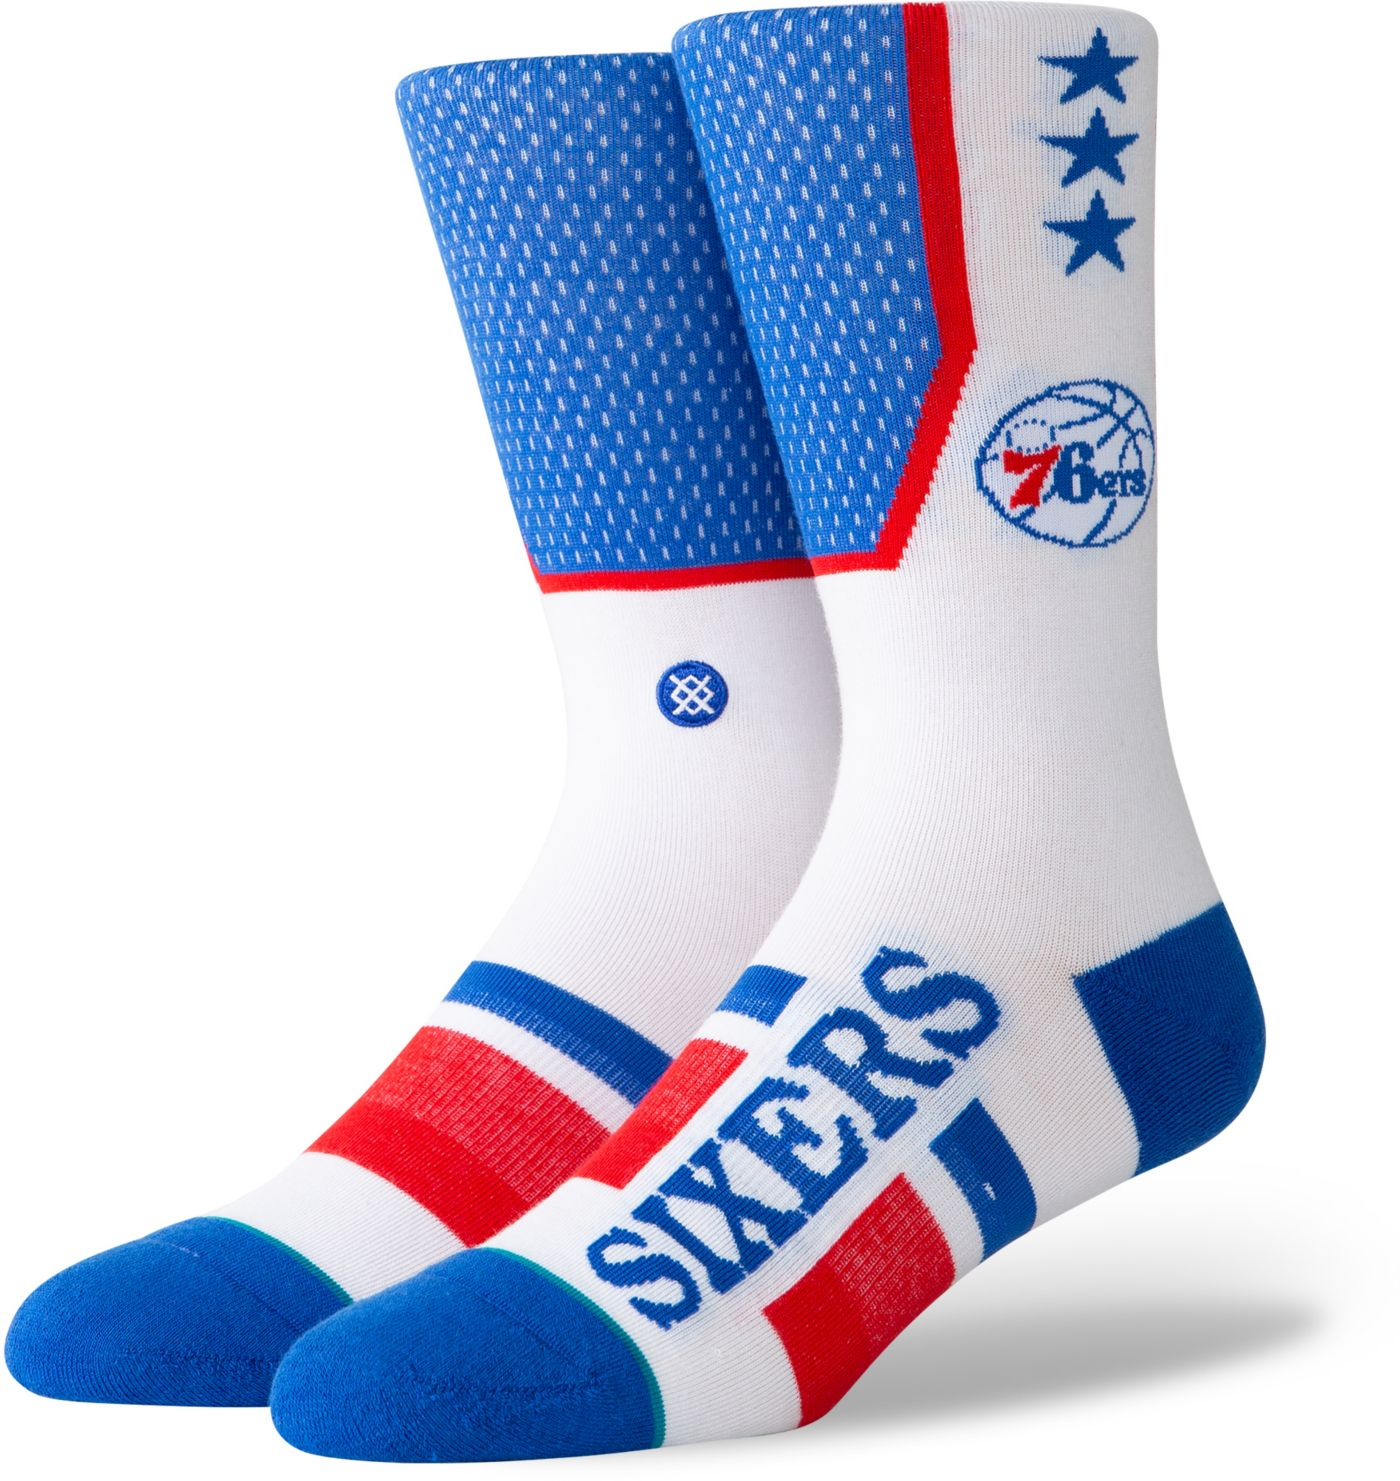 Stance Philadelphia 76ers Men's Shortcut Crew Socks